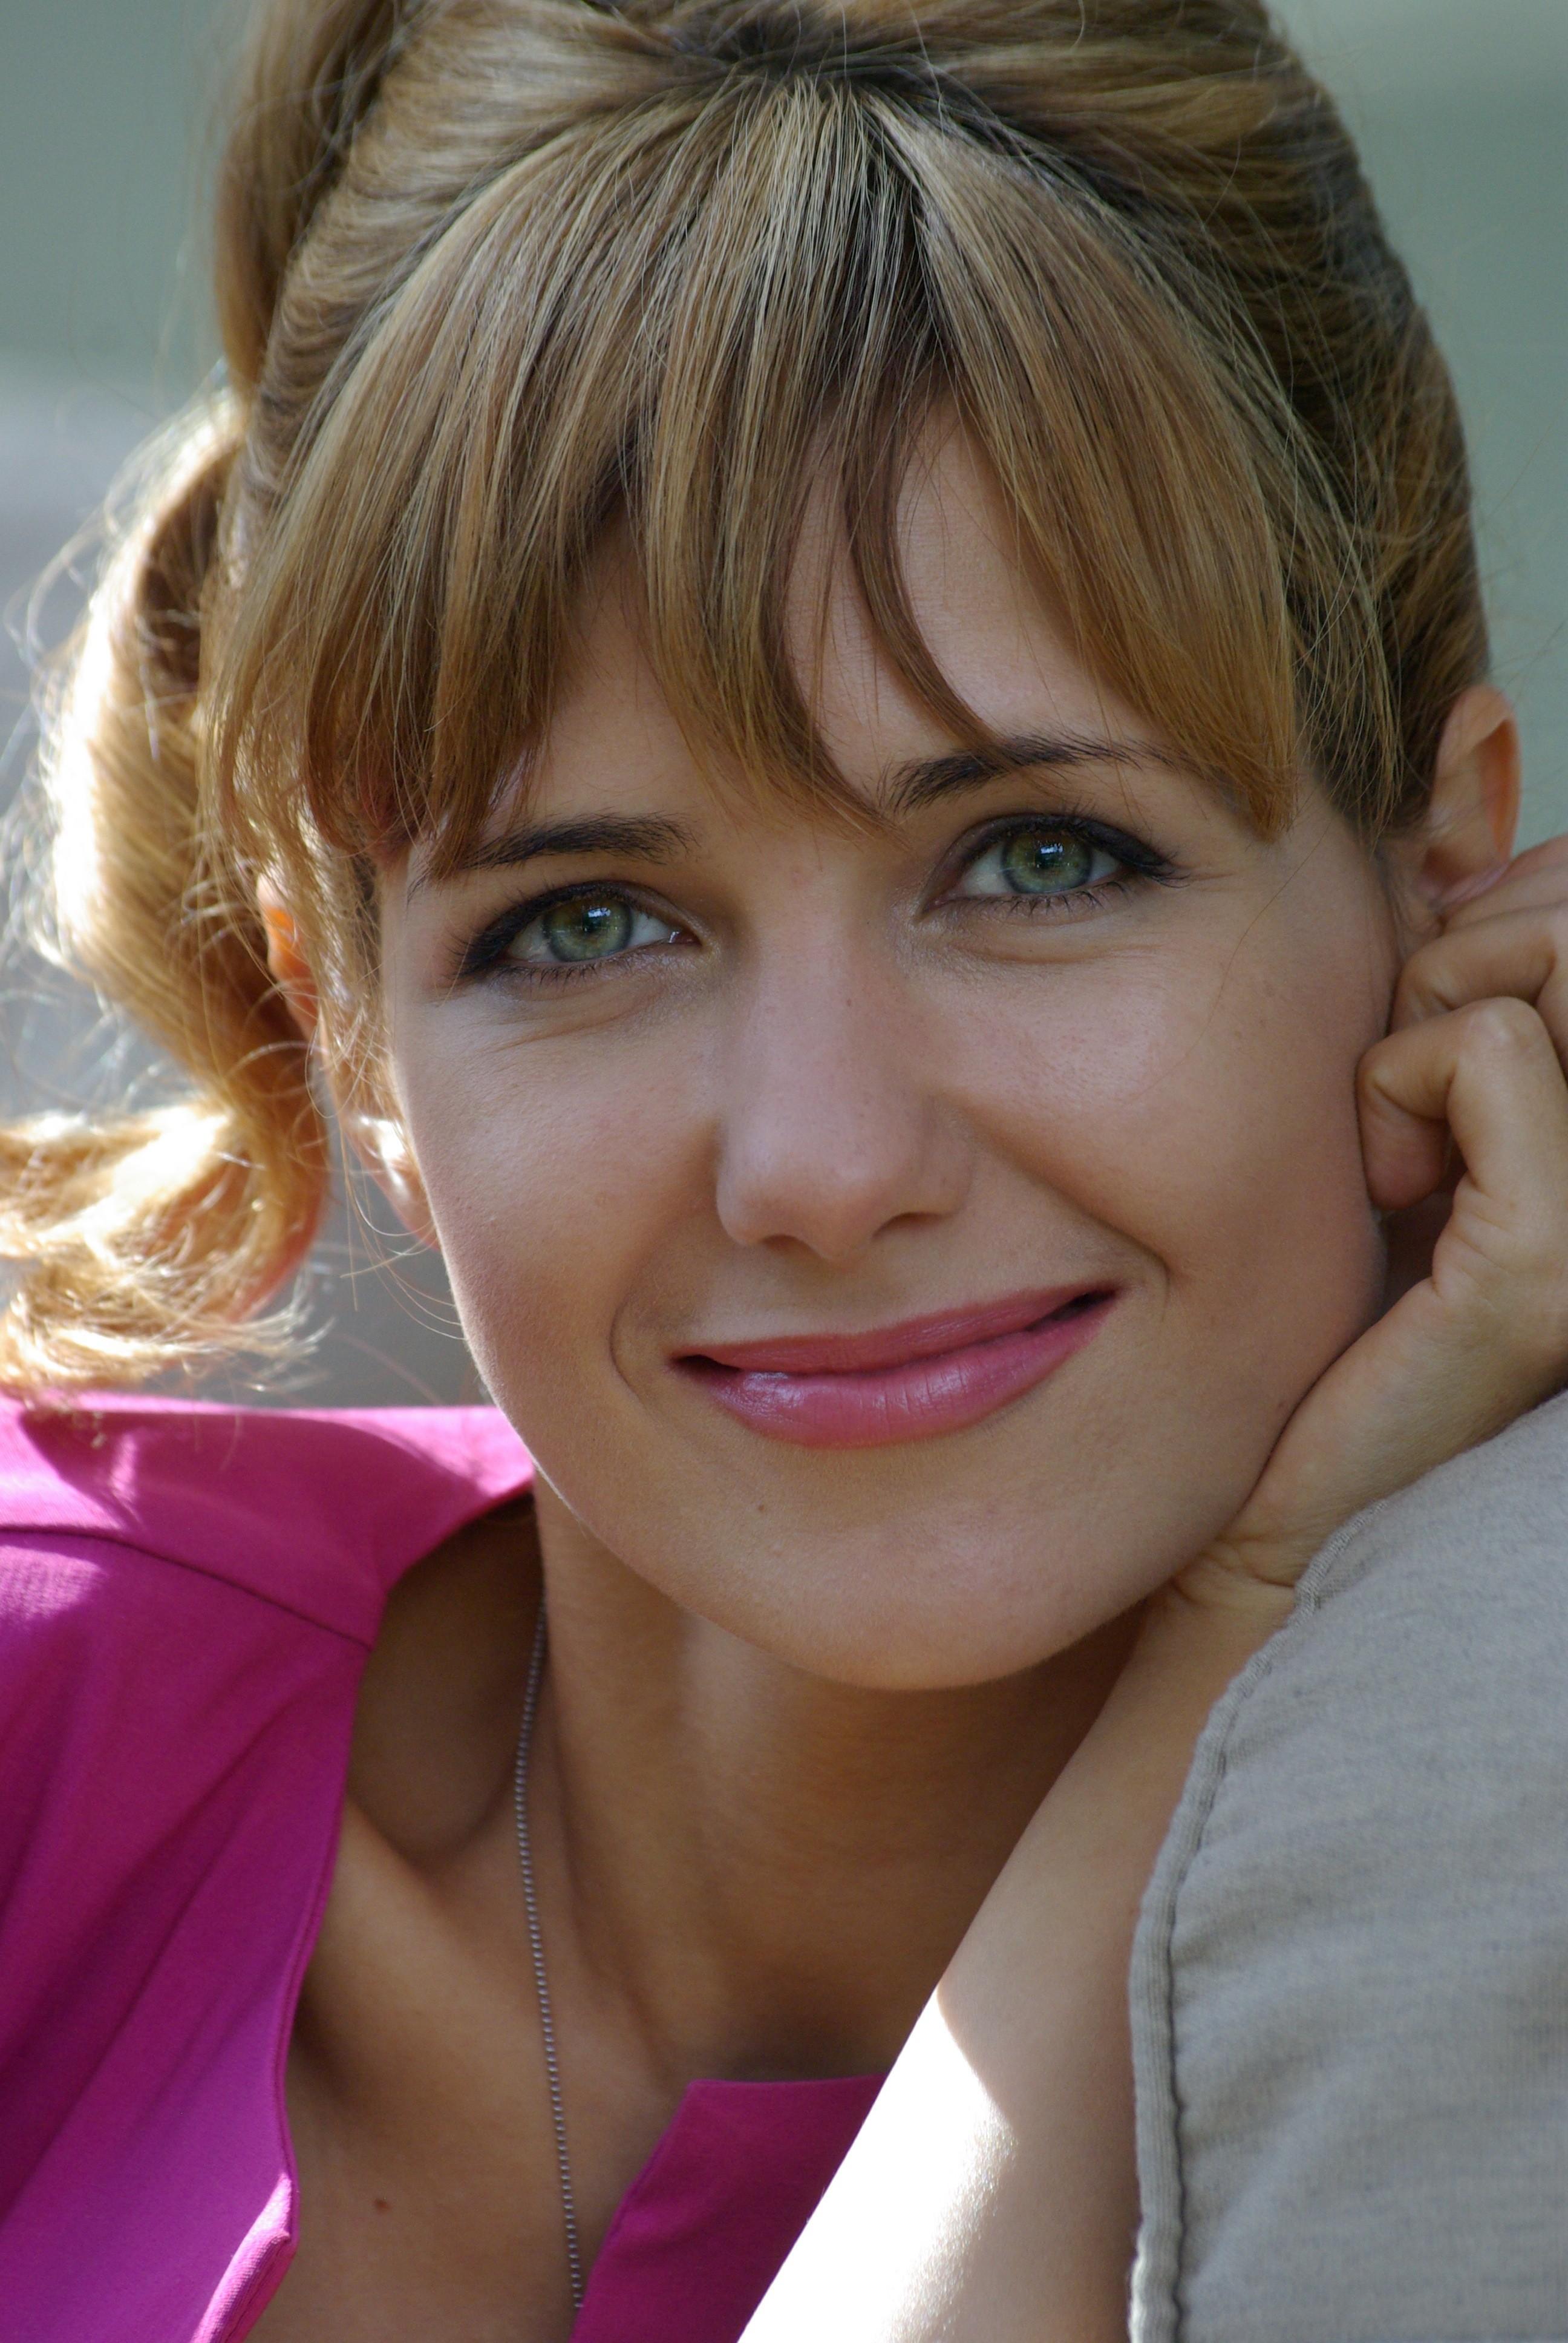 Смотреть фото актрисы россии 6 фотография